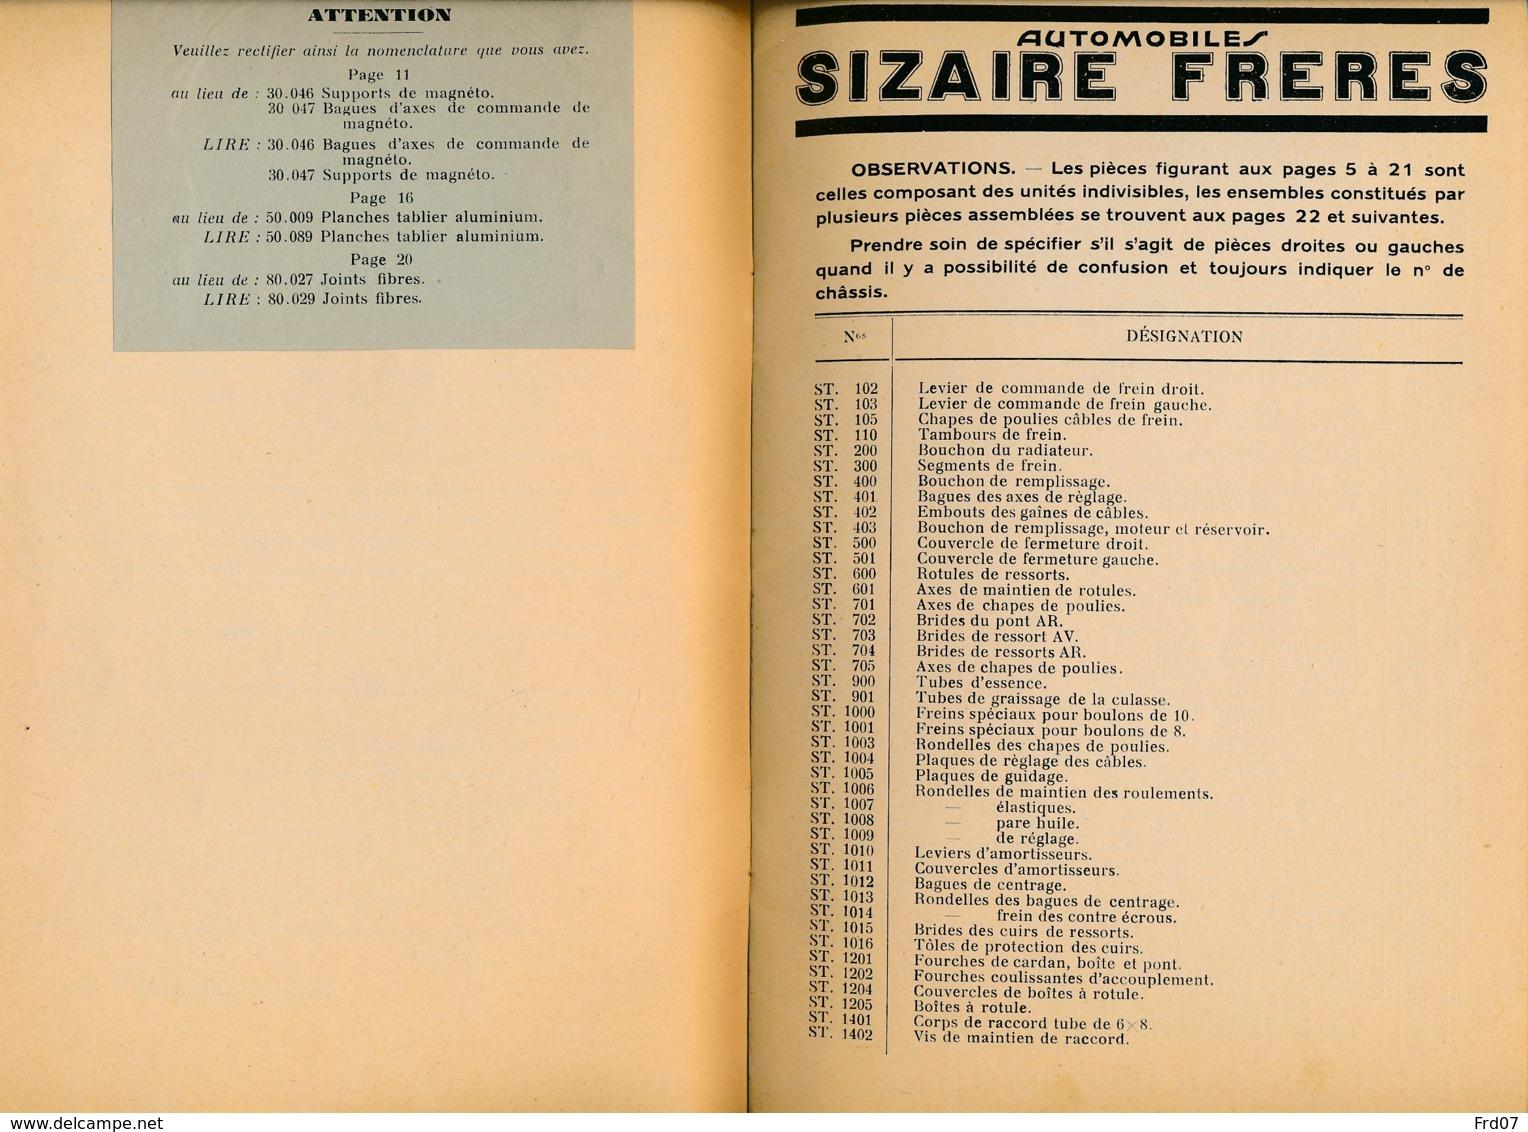 Automobiles Sizaire Frères – Courbevoie Seine / Nomenclature Du Chassis 12 CV Type 4 RI - Auto